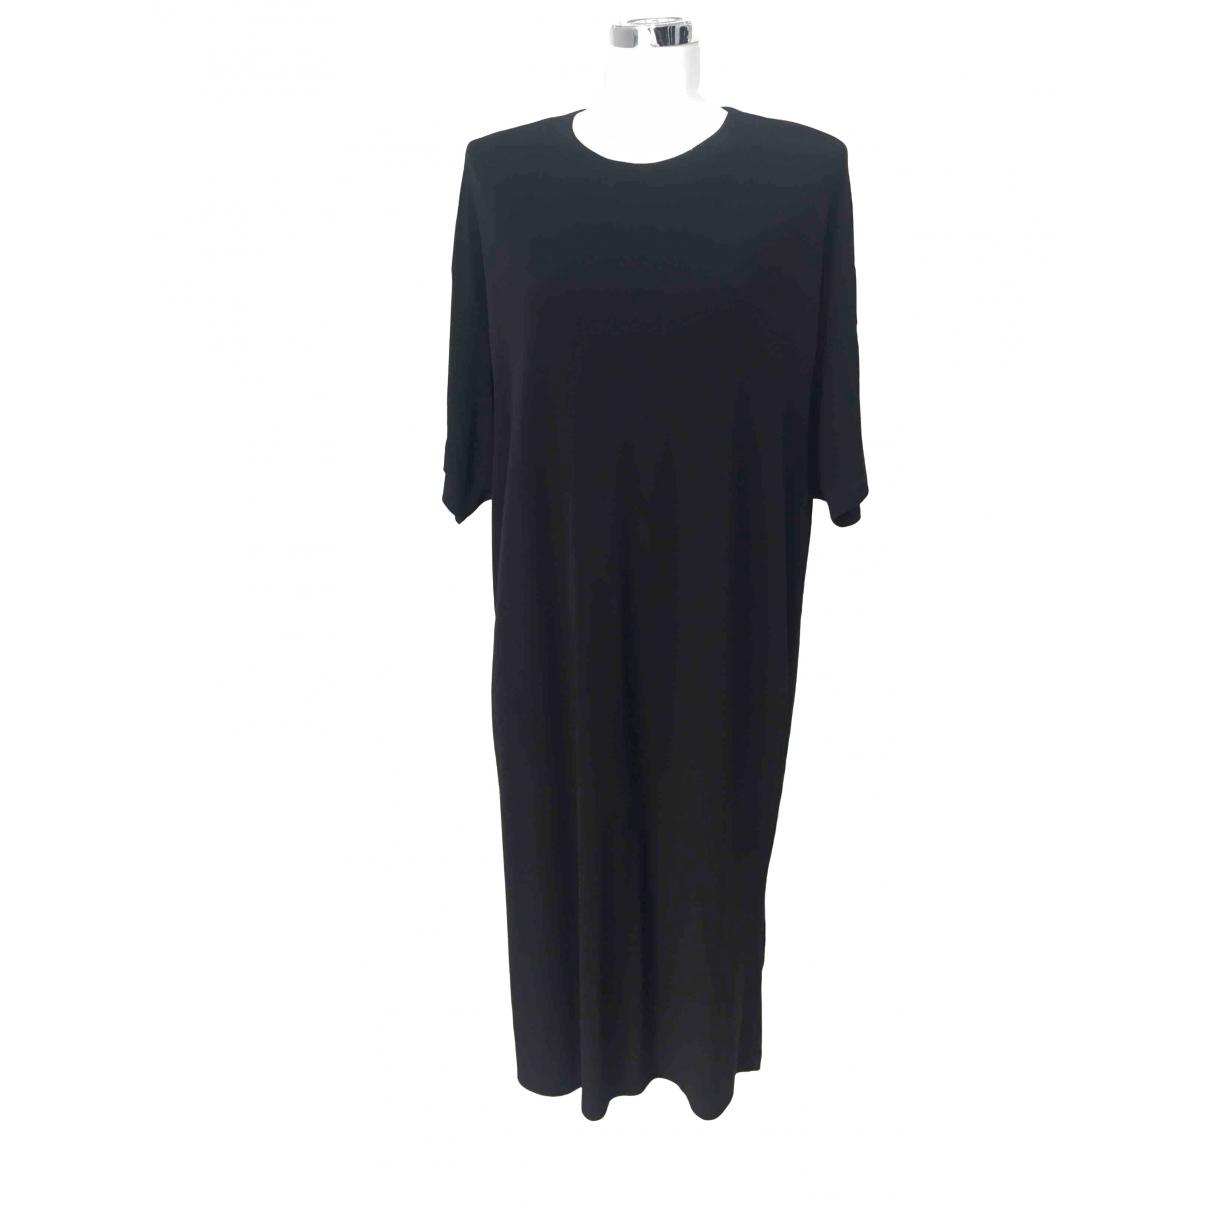 Maison Martin Margiela \N Black dress for Women 40 IT